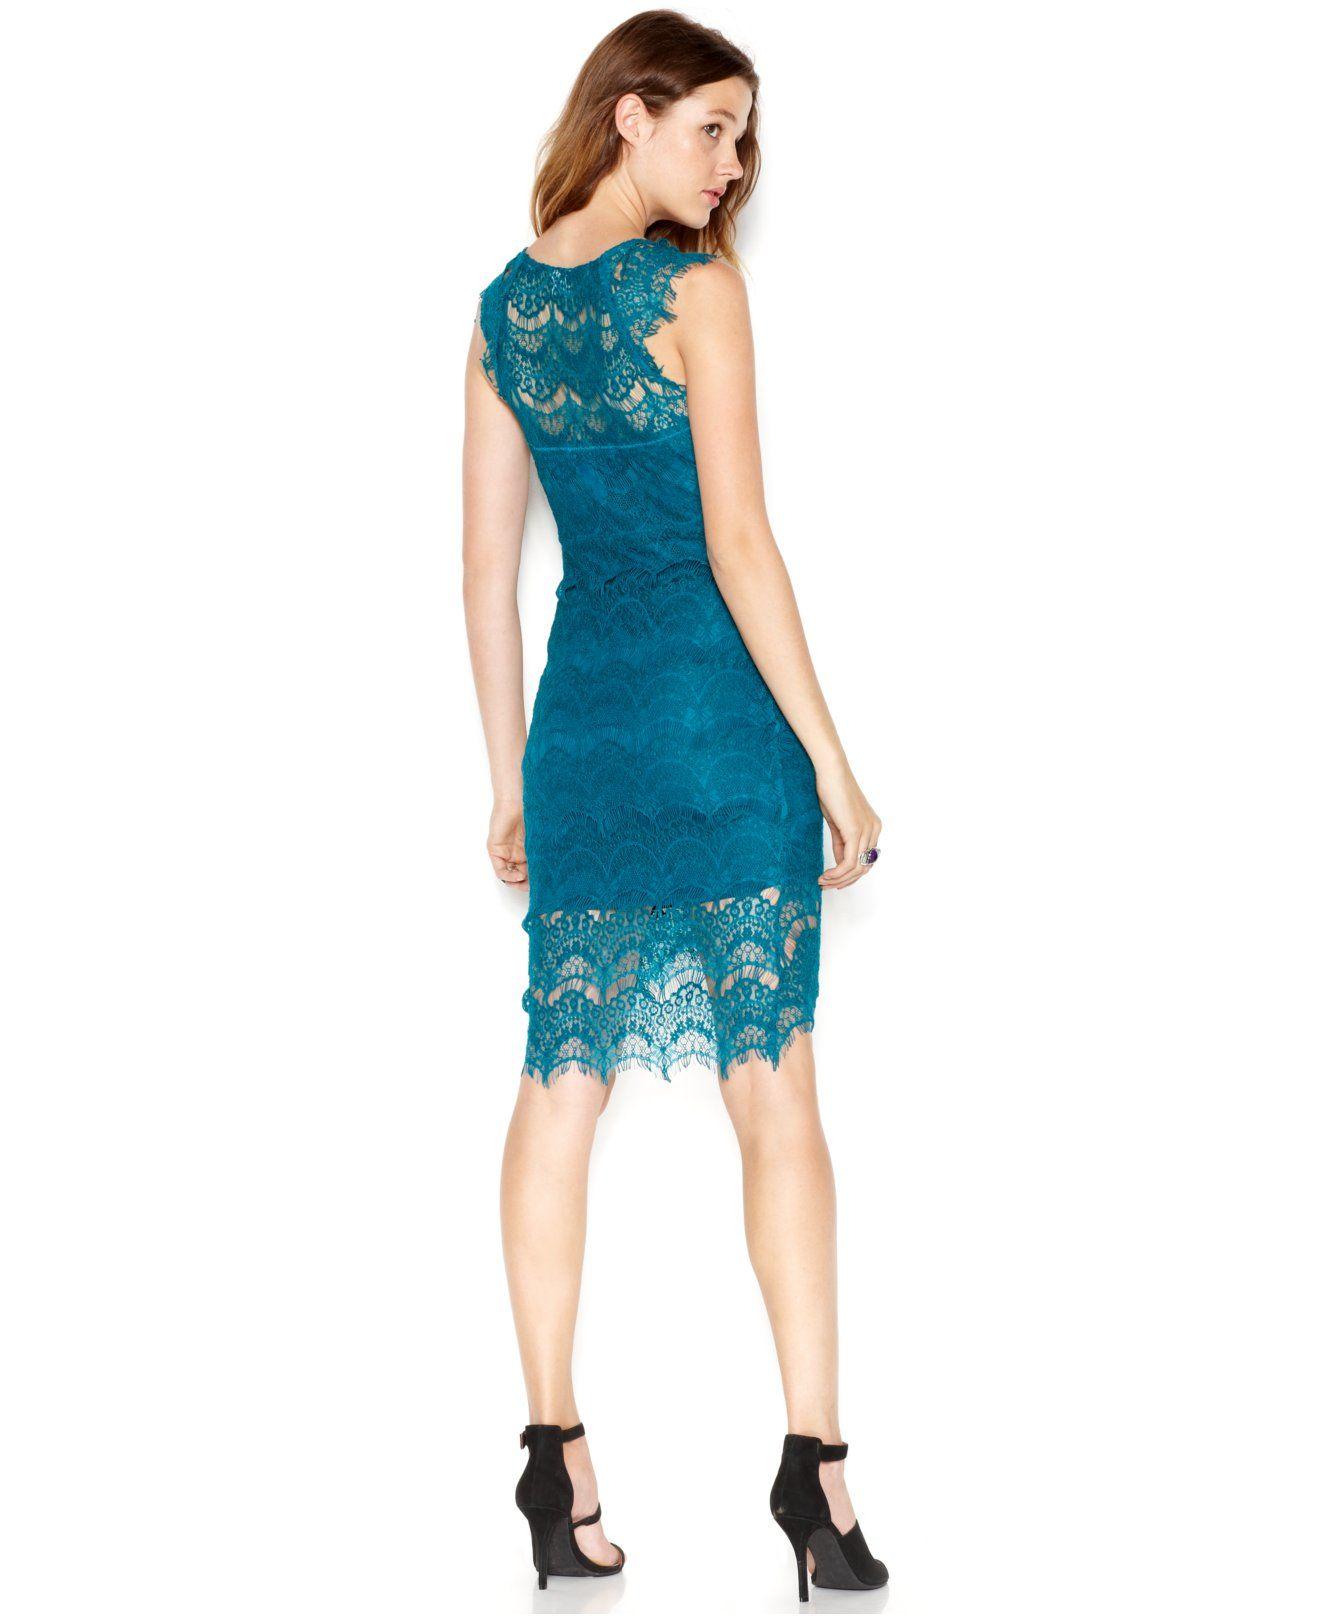 Fantastisch Macys Prom Kleid Bilder - Brautkleider Ideen - cashingy.info